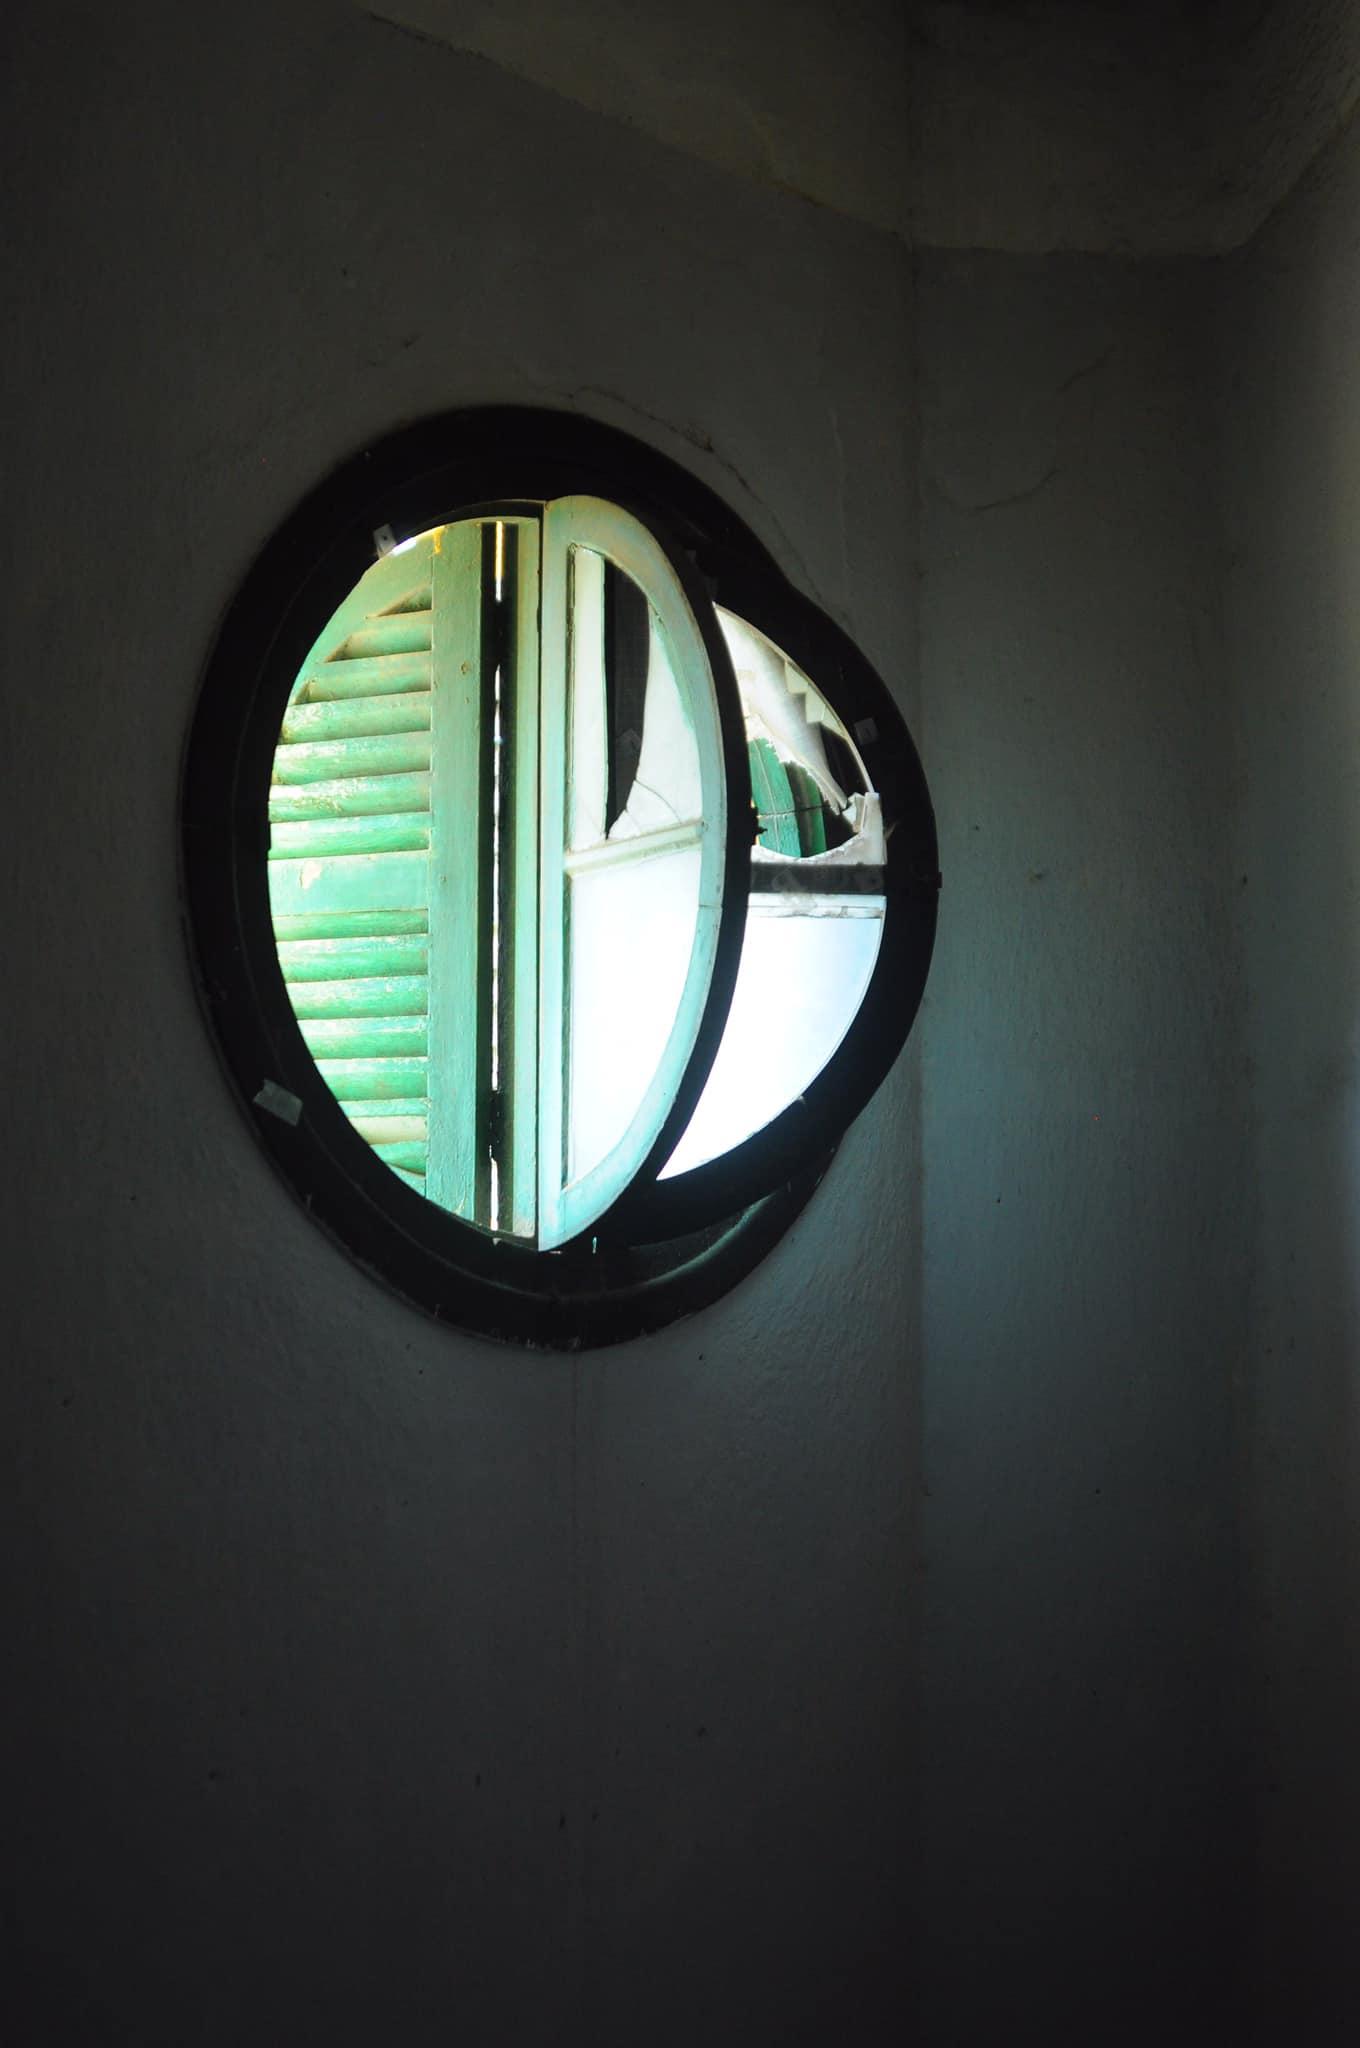 Chi tiết của sổ tròn căn biệt thự bỏ hoang Đà lạt